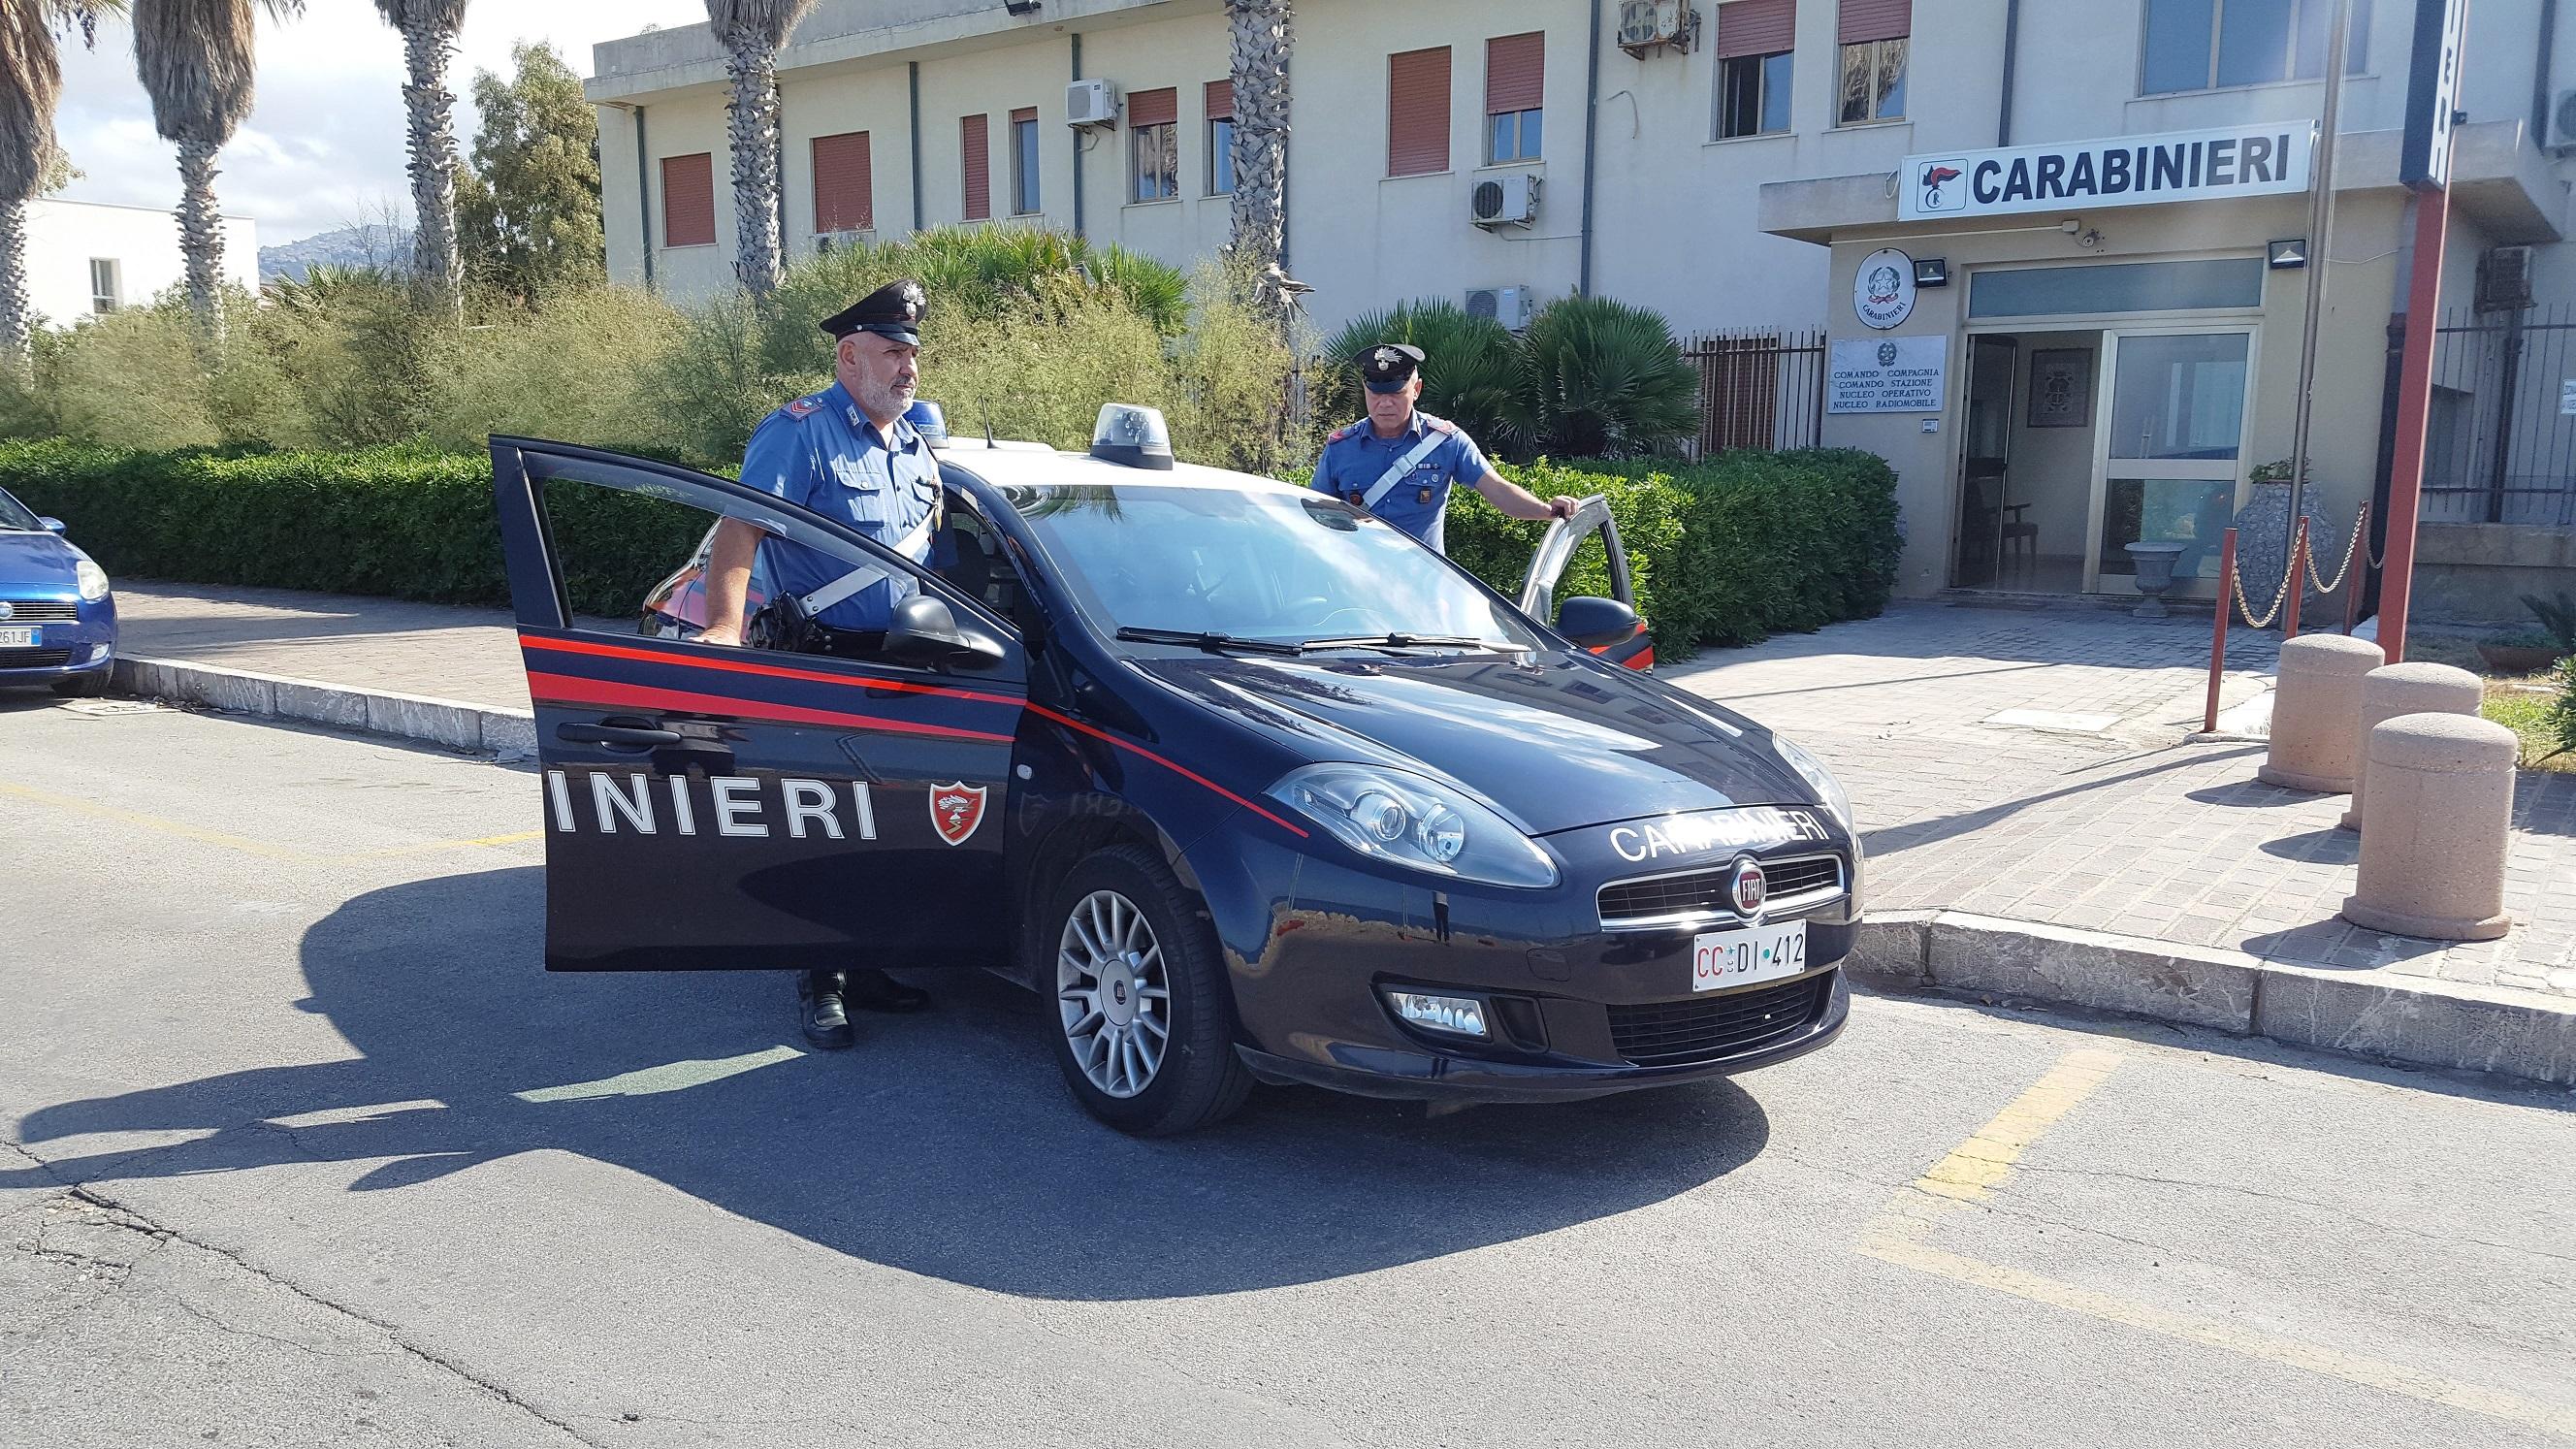 Cronaca. Controlli dei Carabinieri a Sant'Agata di Militello, sette persone denunciate